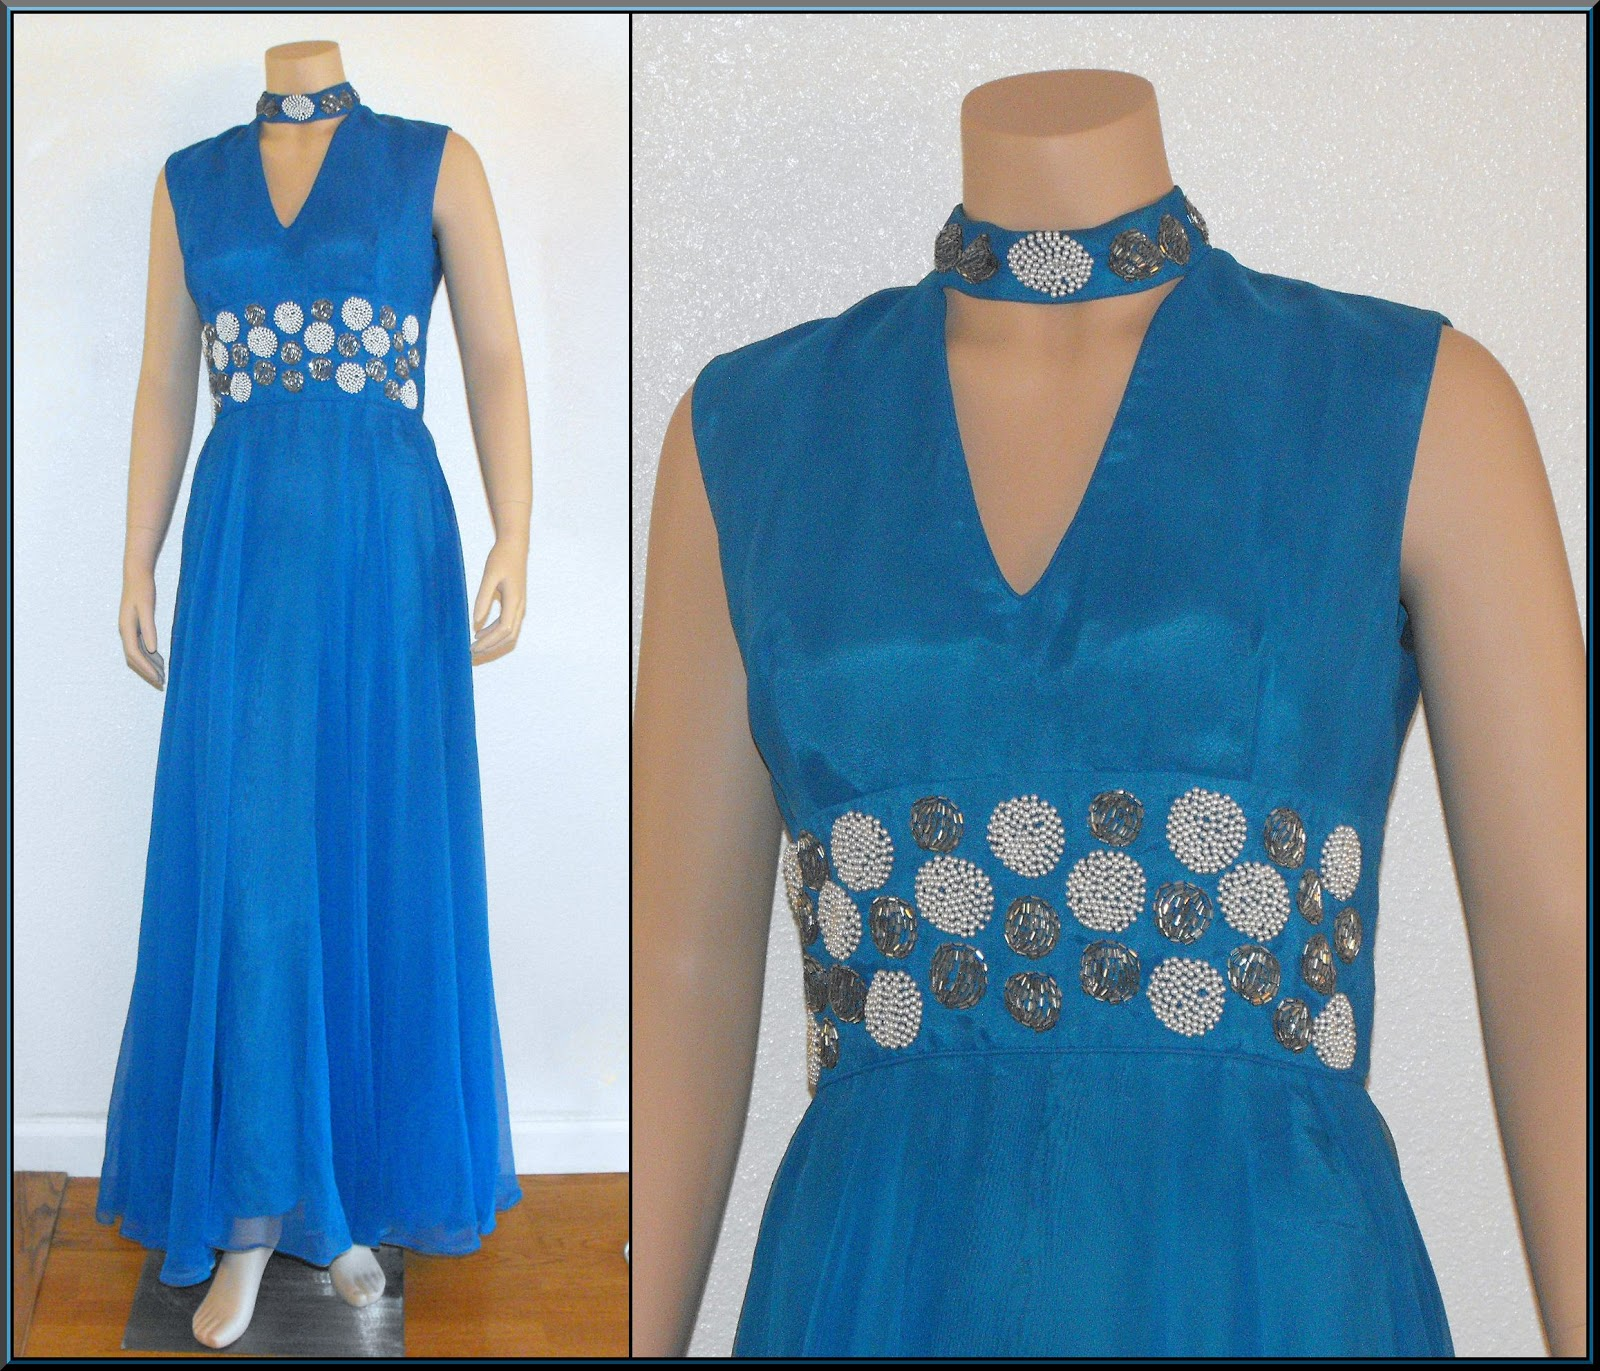 Vintage Fashion Guild: October 2012